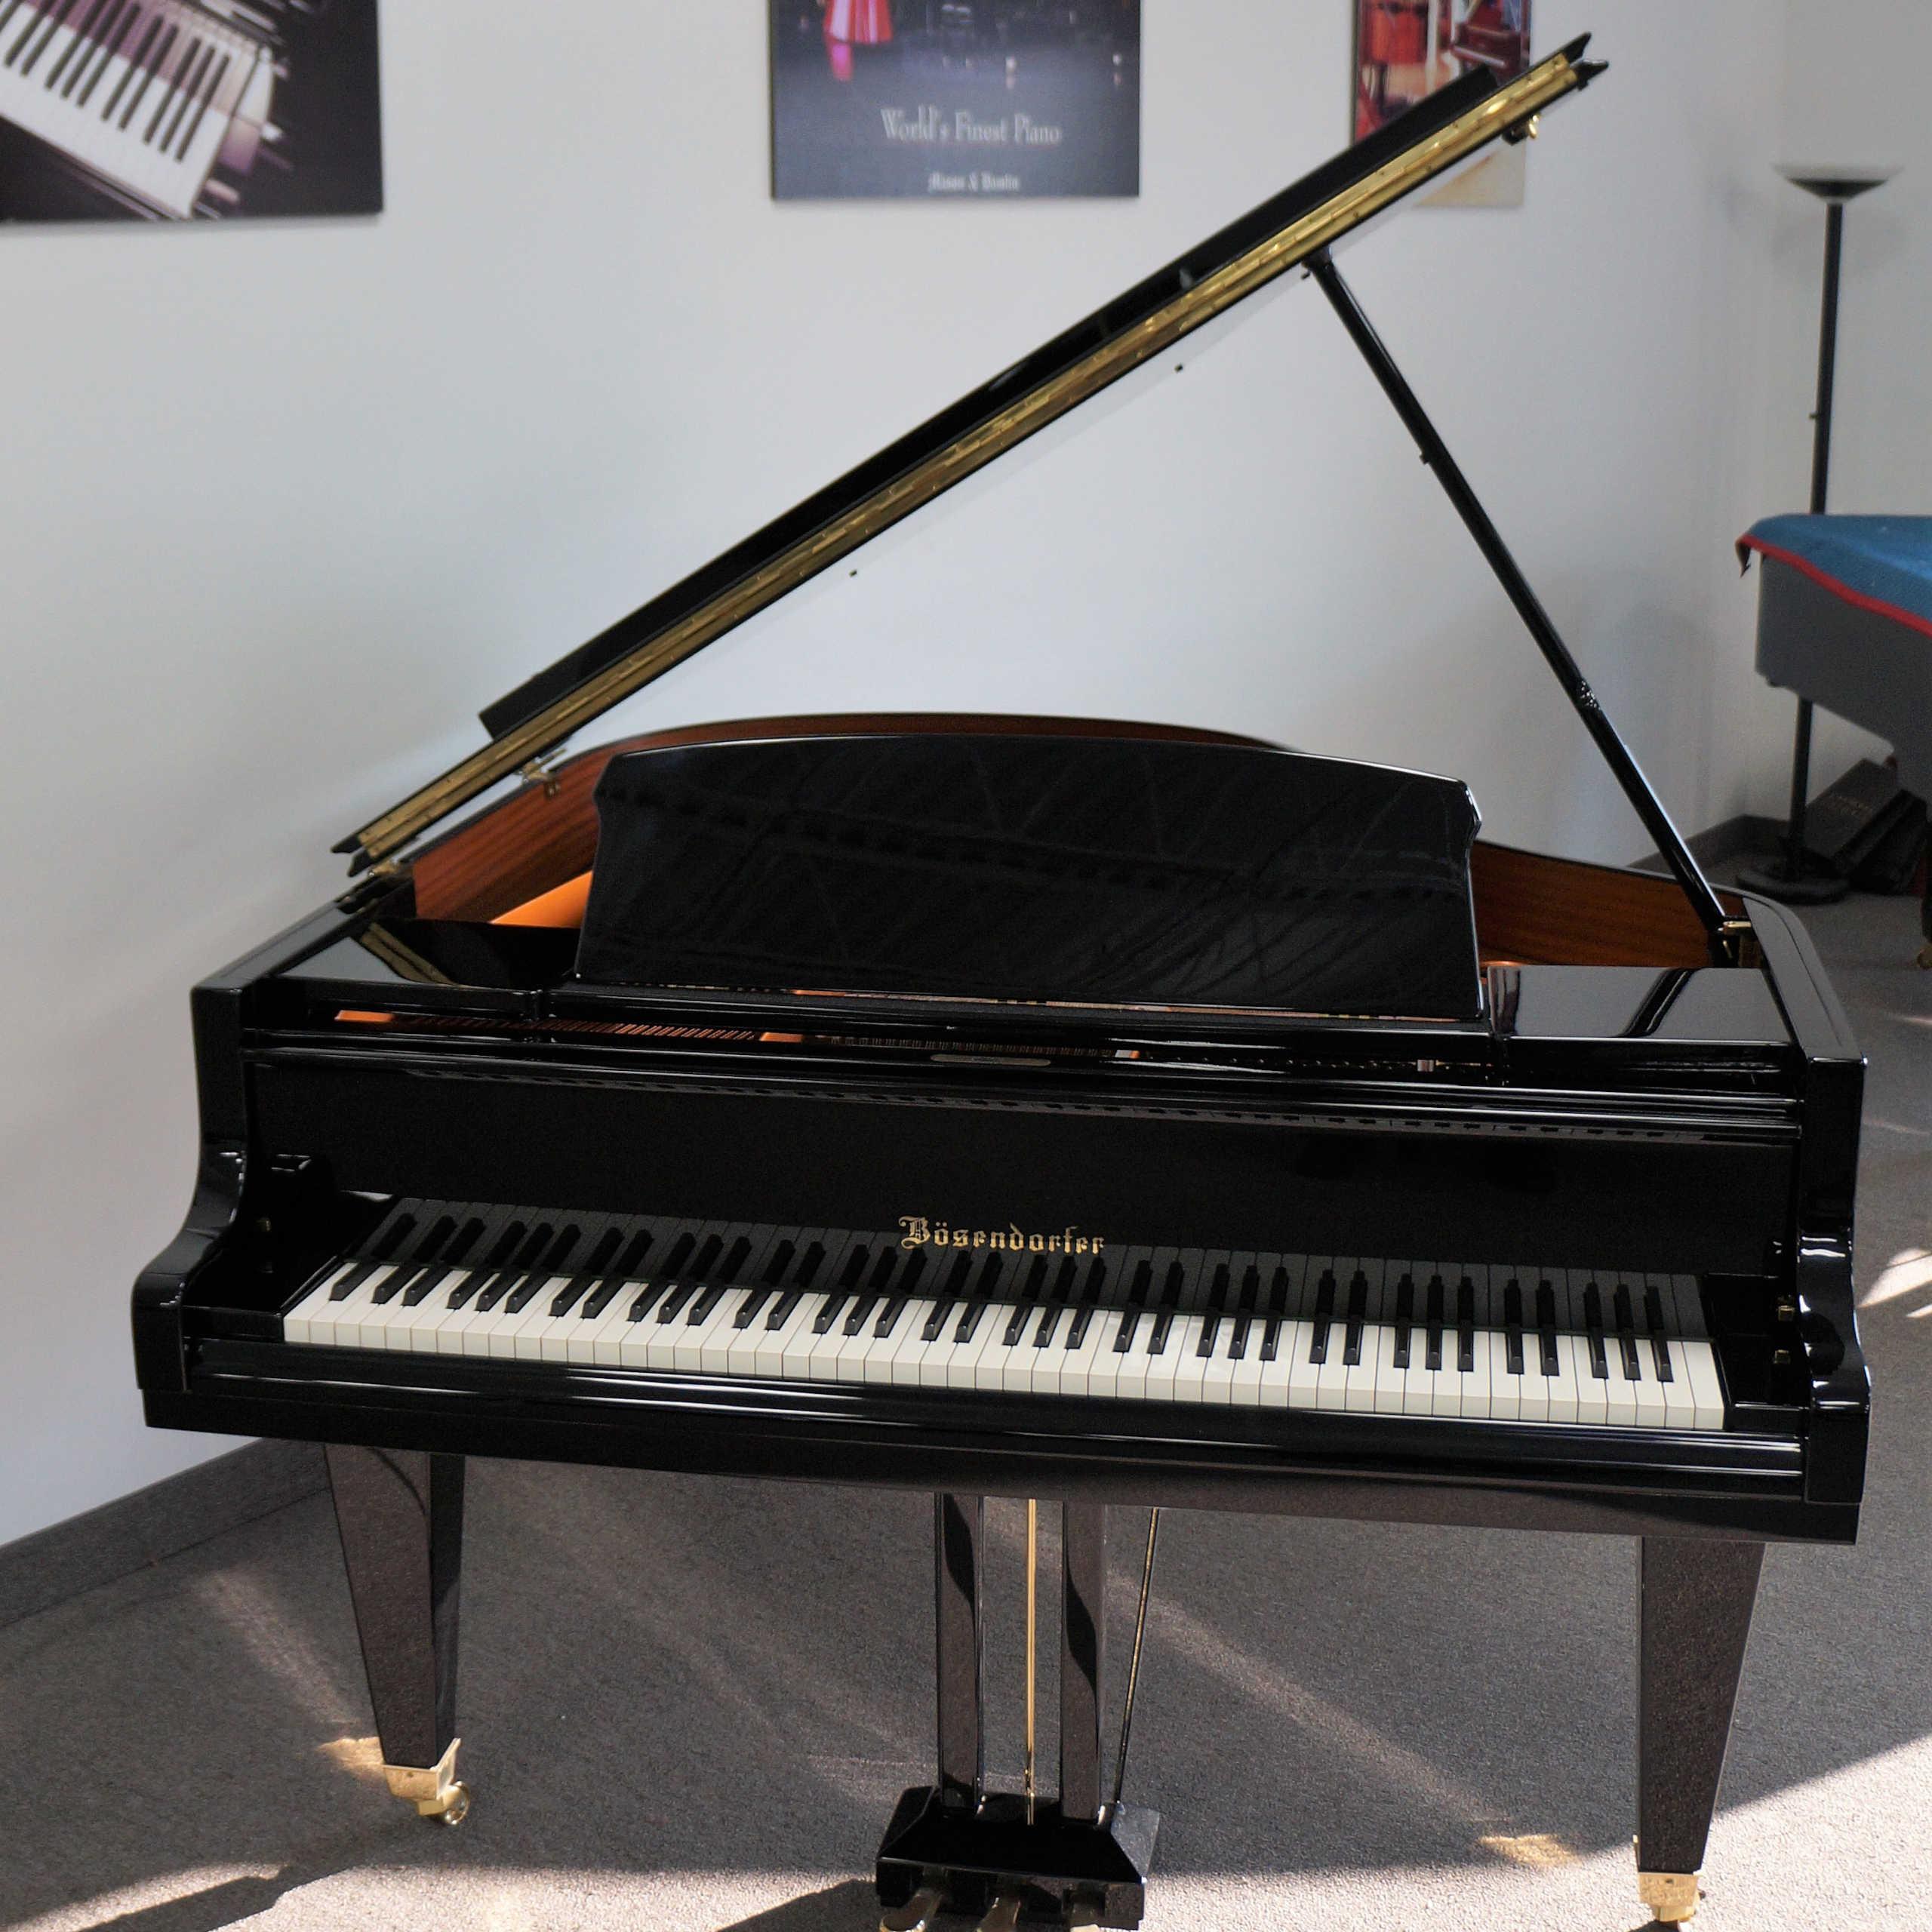 Bosendorfer 170 Grand Piano - Black Polish